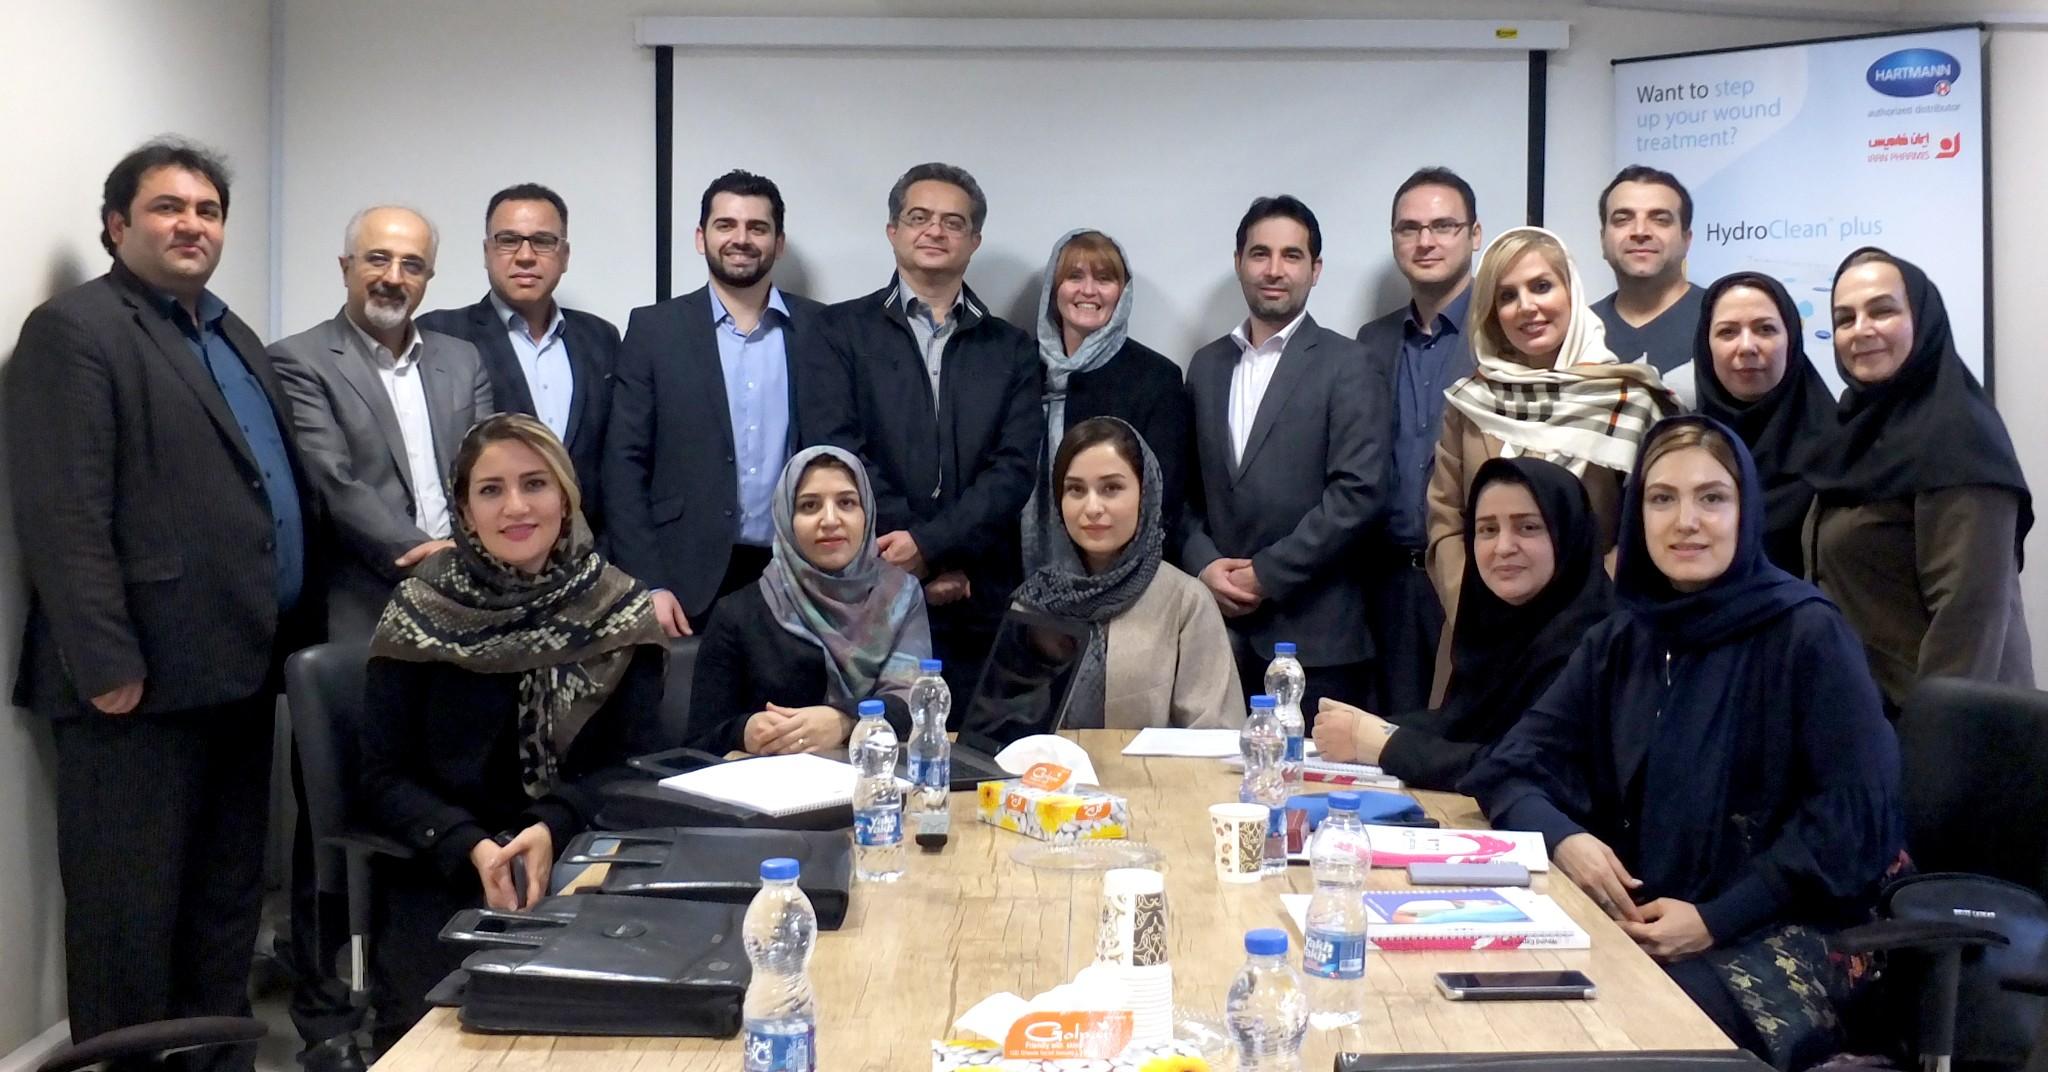 اتمام برگزاری اولین دوره بین المللی مشترک جهاددانشگاهی علوم پزشکی تهران و ICW در حوزه زخم و ترمیم بافت